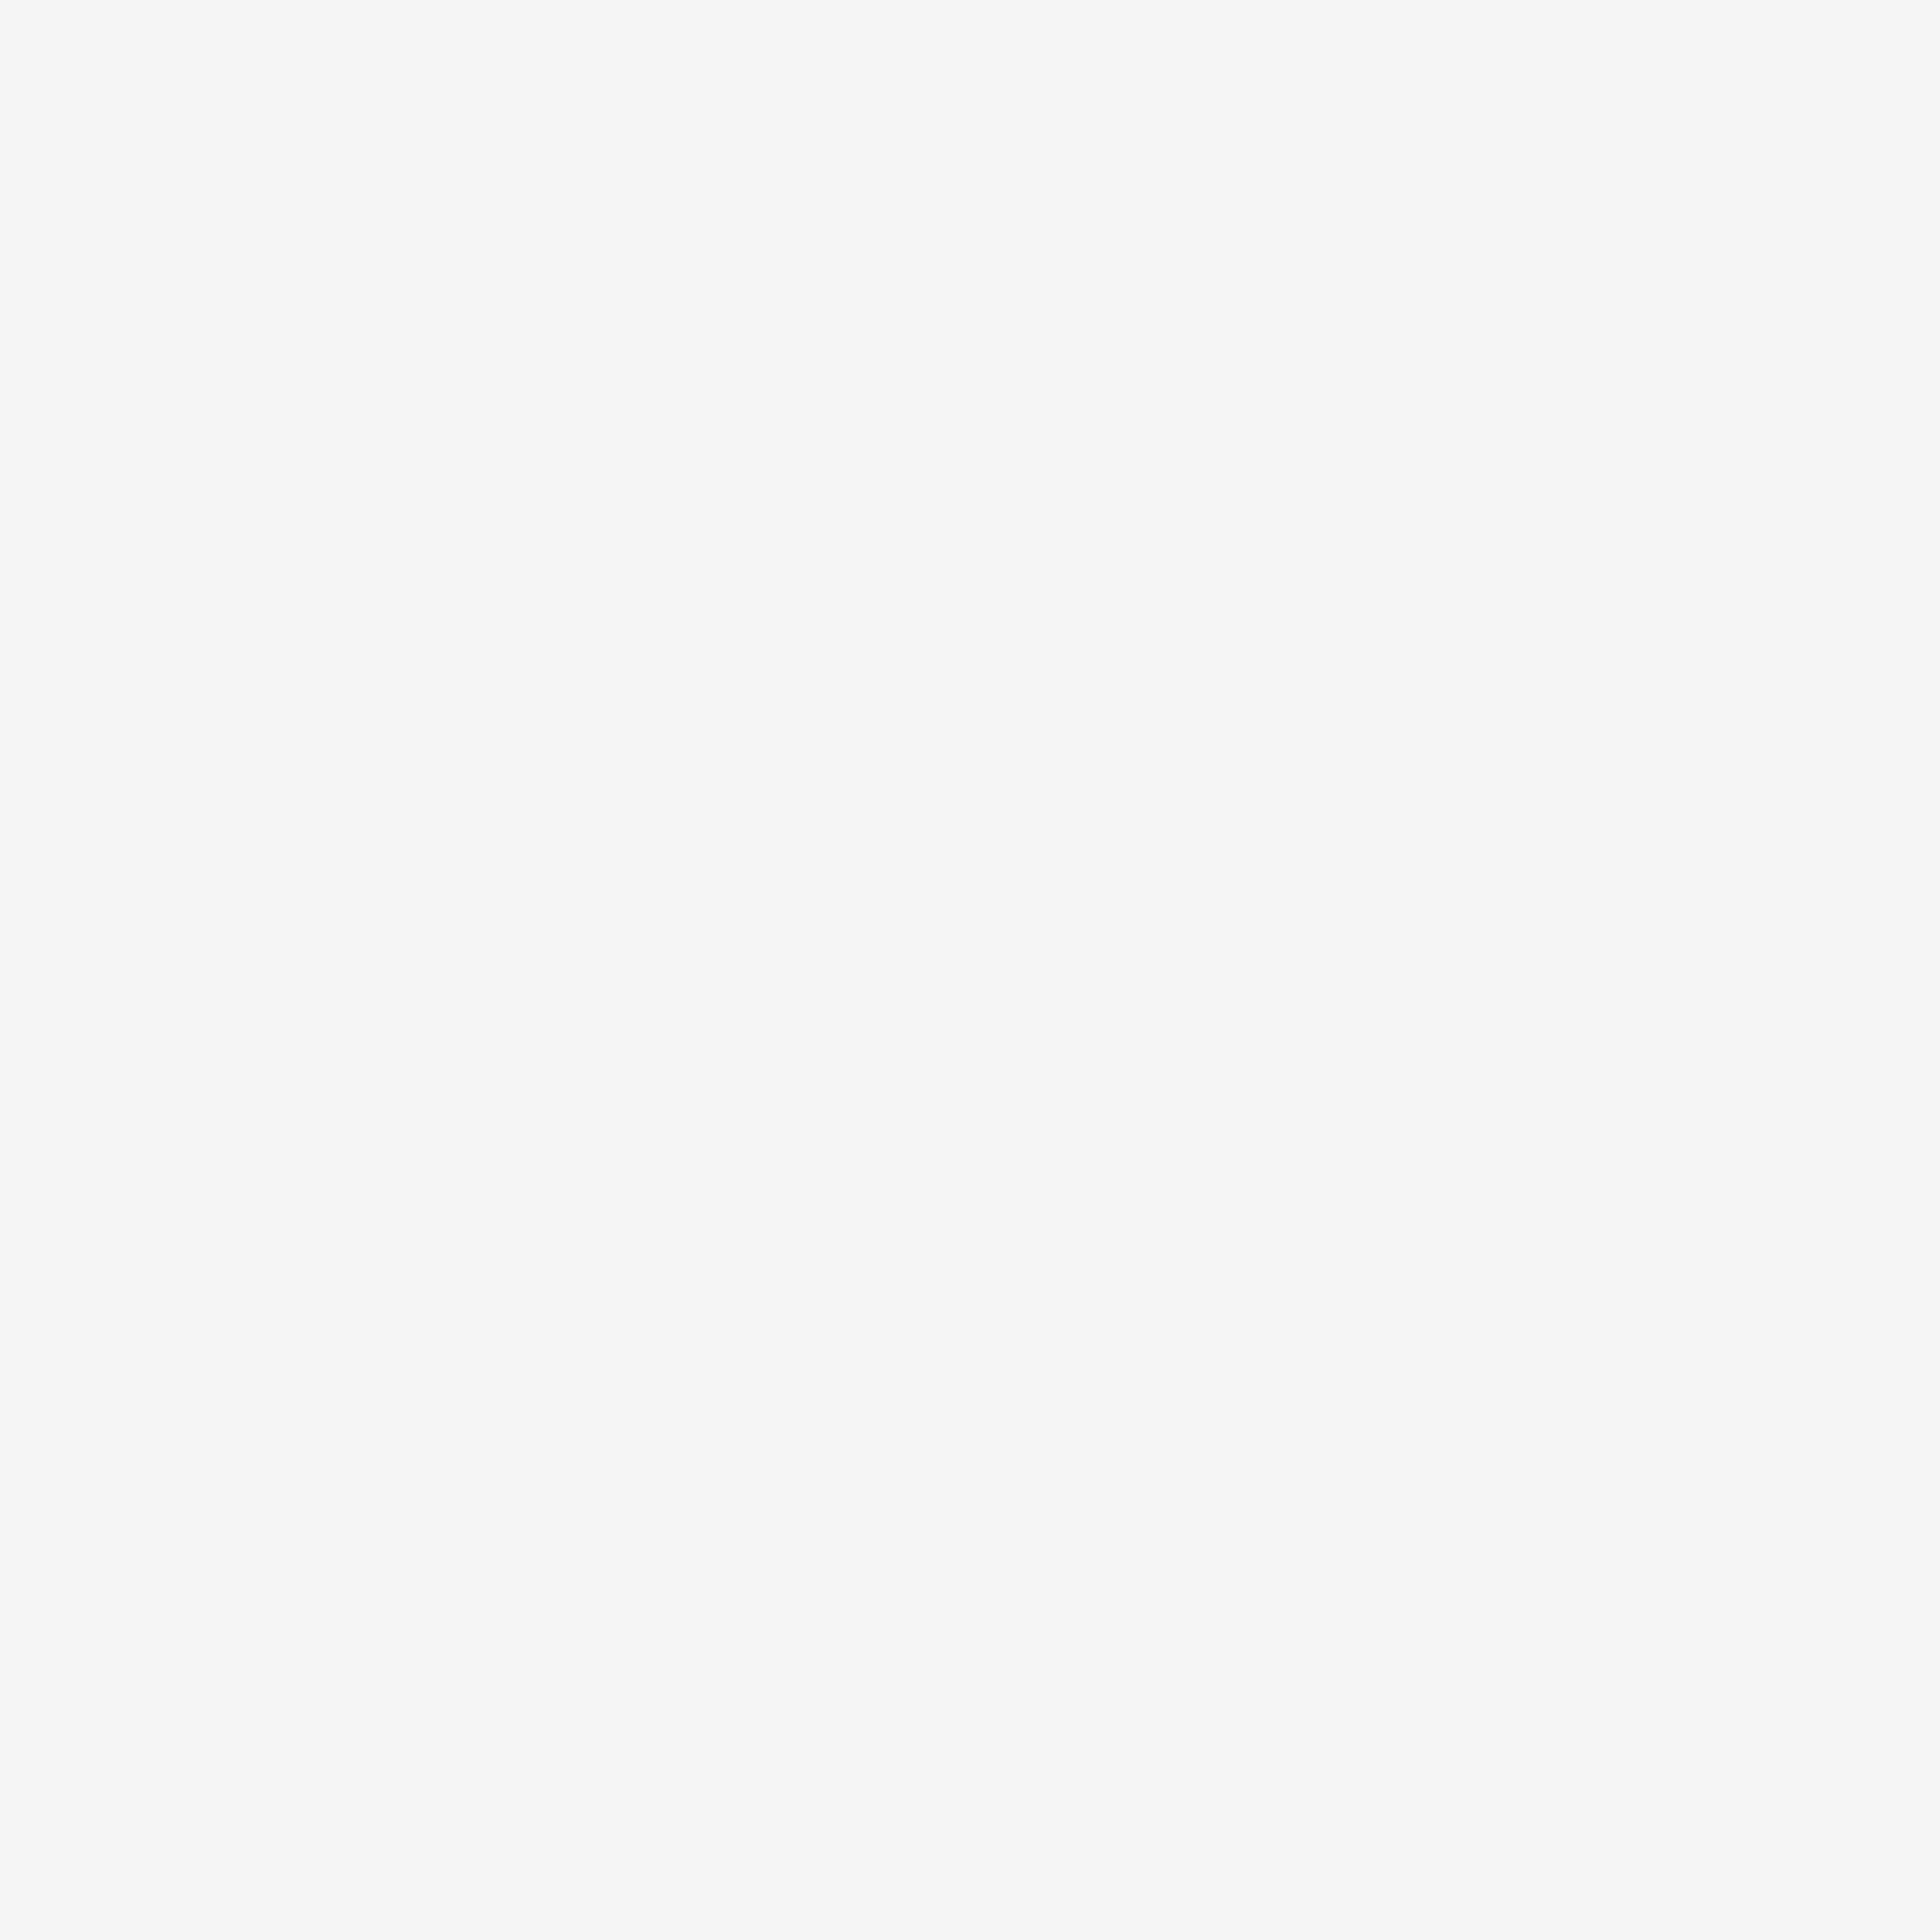 adidas voetbalschoenen onderhoud